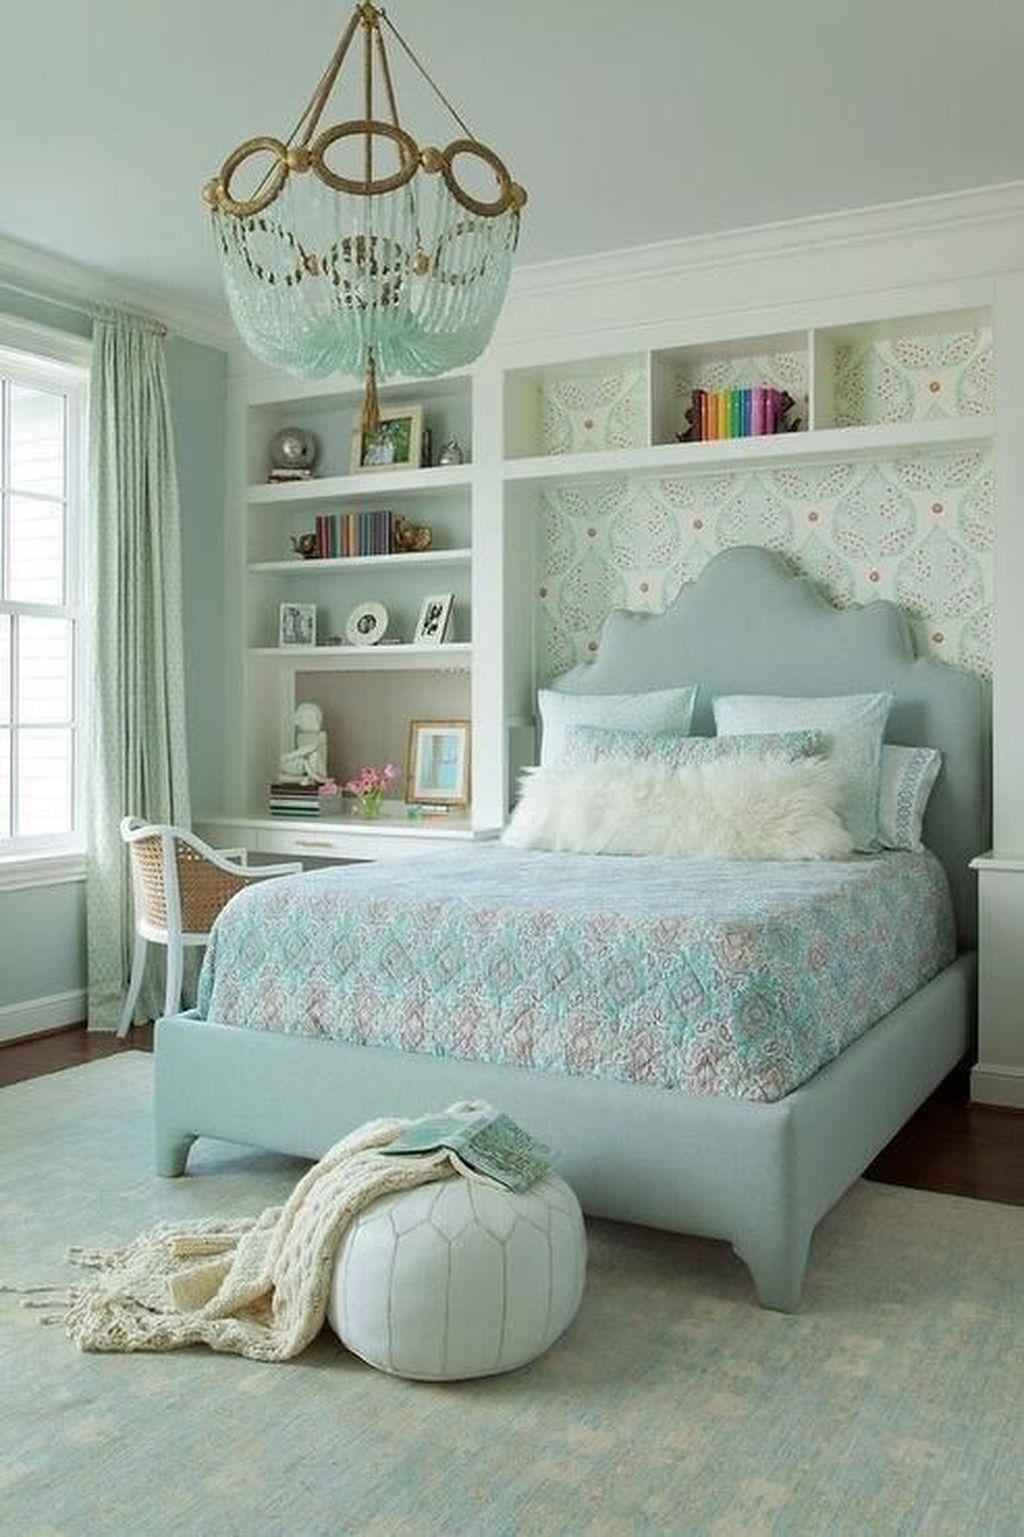 20 Moderne Farbenfrohen Schlafzimmer Deko Ideen Fur Kinder Tumblr Zimmer Gestalten Schlafzimmer Deko Zimmer